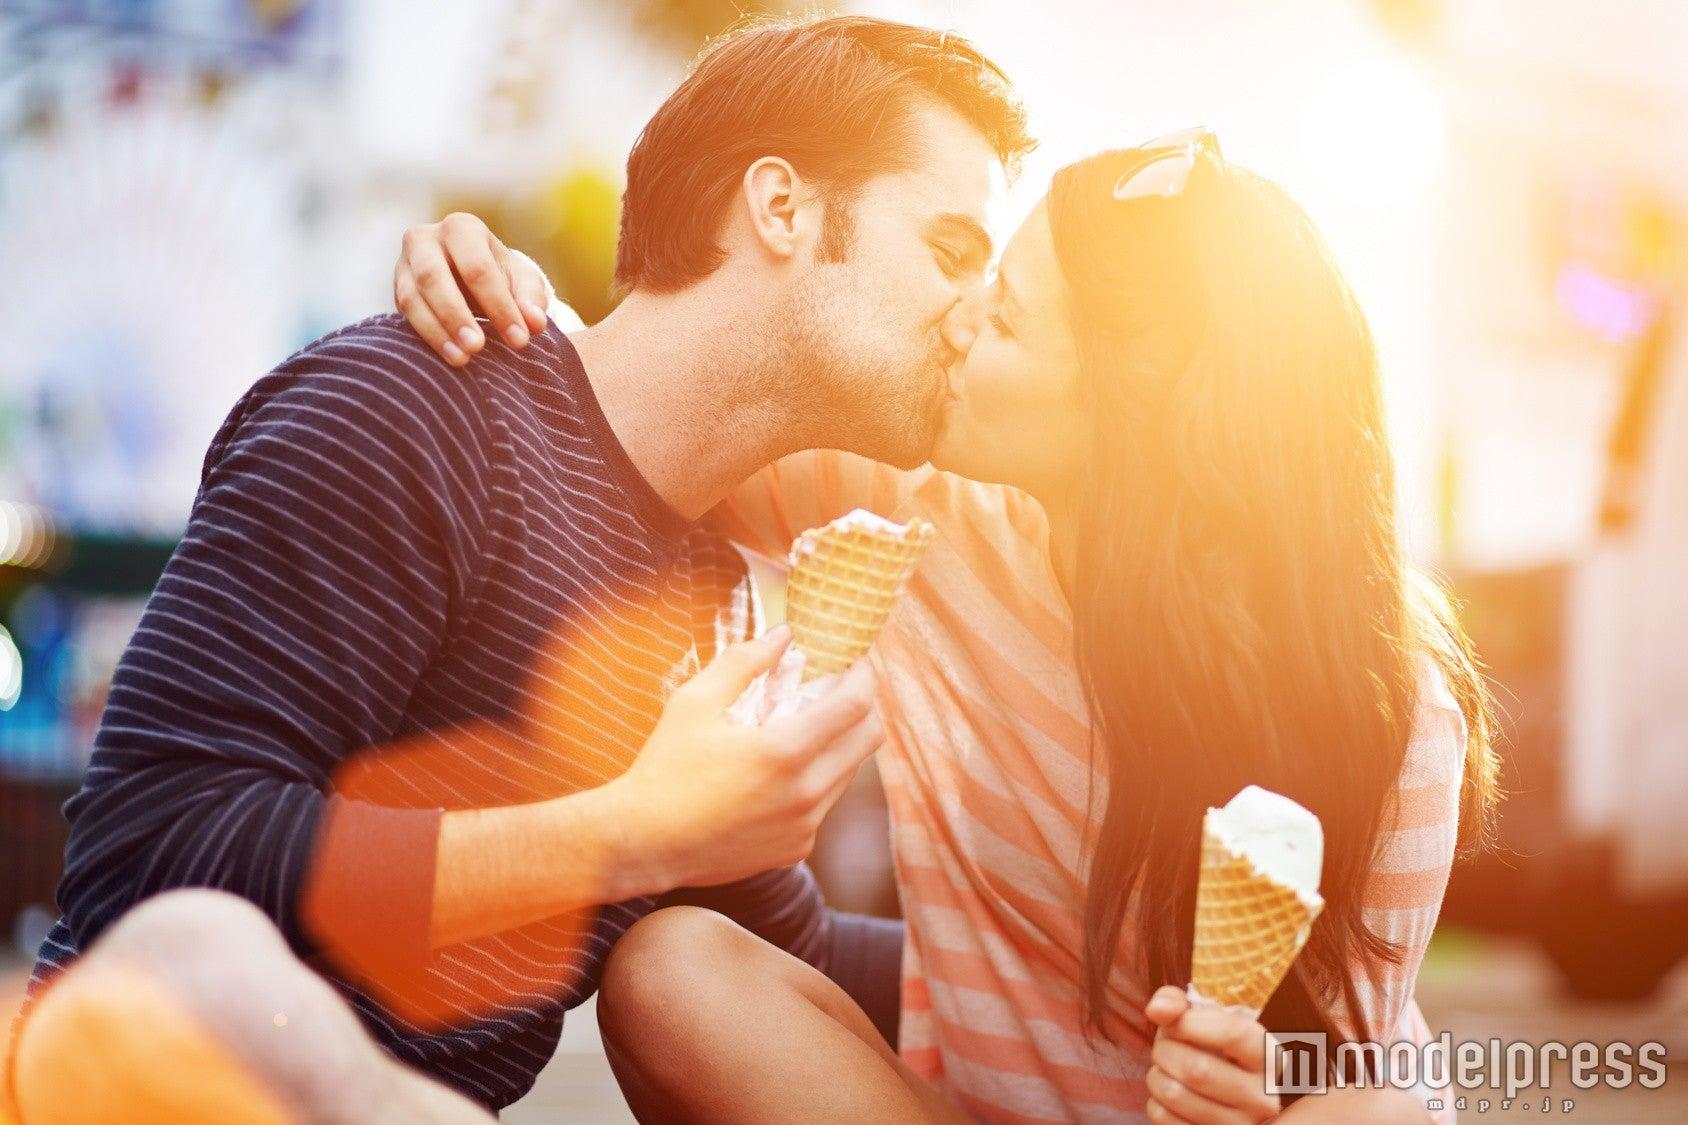 キスの後、男性を喜ばせる4つの方法